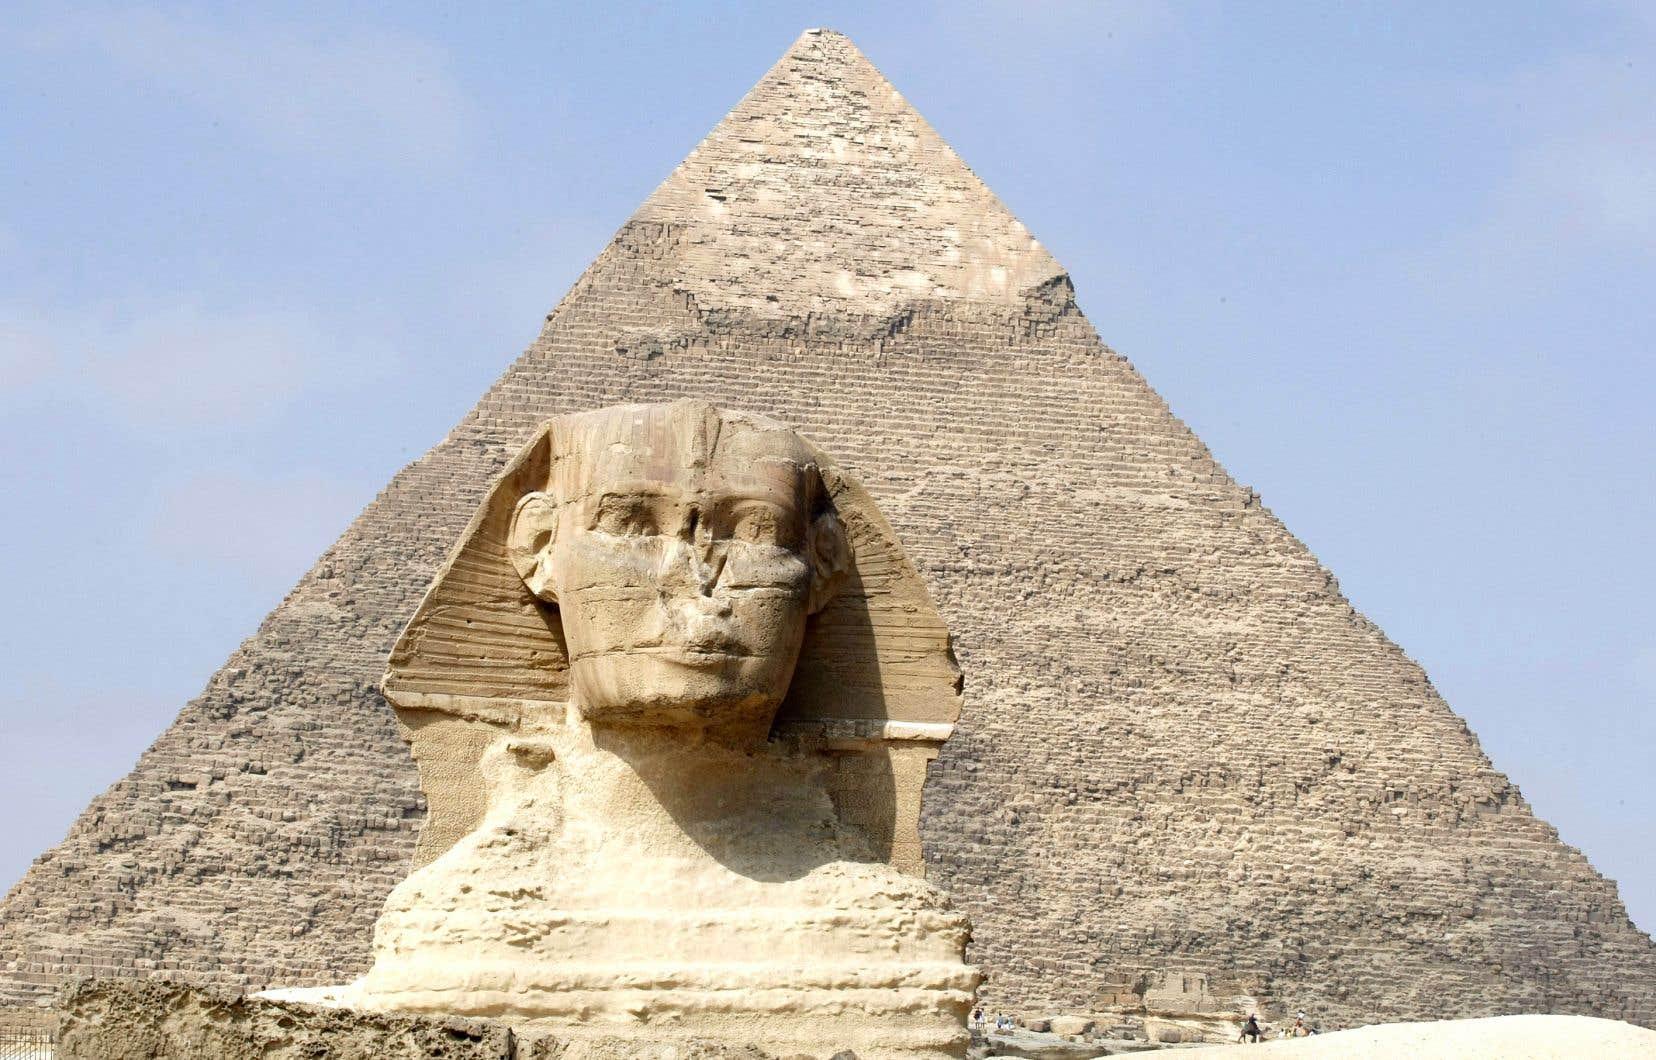 Les Égyptiens de la fin de l'époque pharaonique, de même que les Perses, les Grecs et les Romains qui ont par la suite assumé le pouvoir politique en Égypte, ont réalisé que la dépendance au Nil pouvait être problématique.